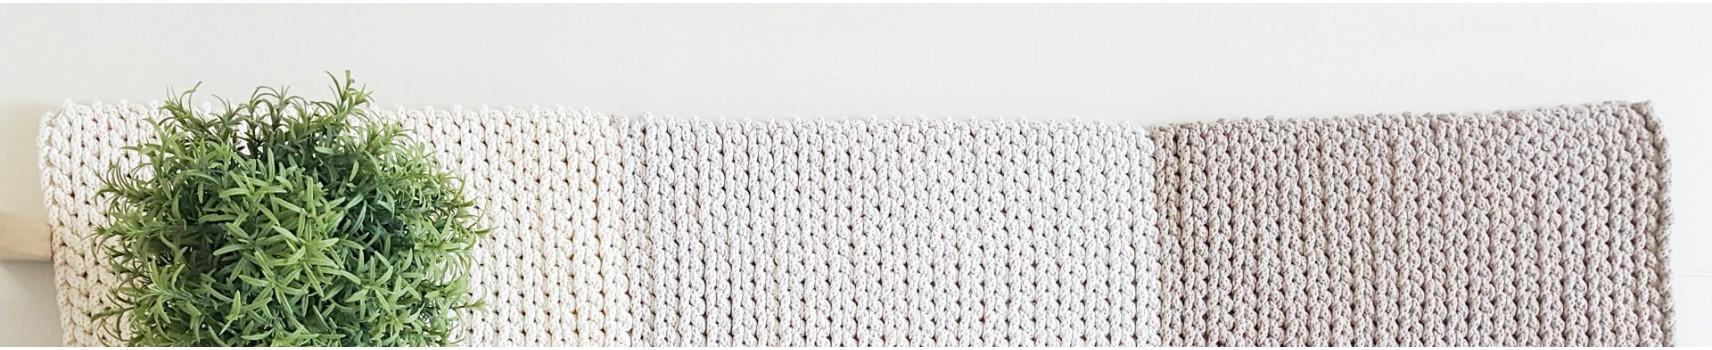 Sznurek bawełniany 5 mm | Sklep Montsi.pl Crafts & Coffee